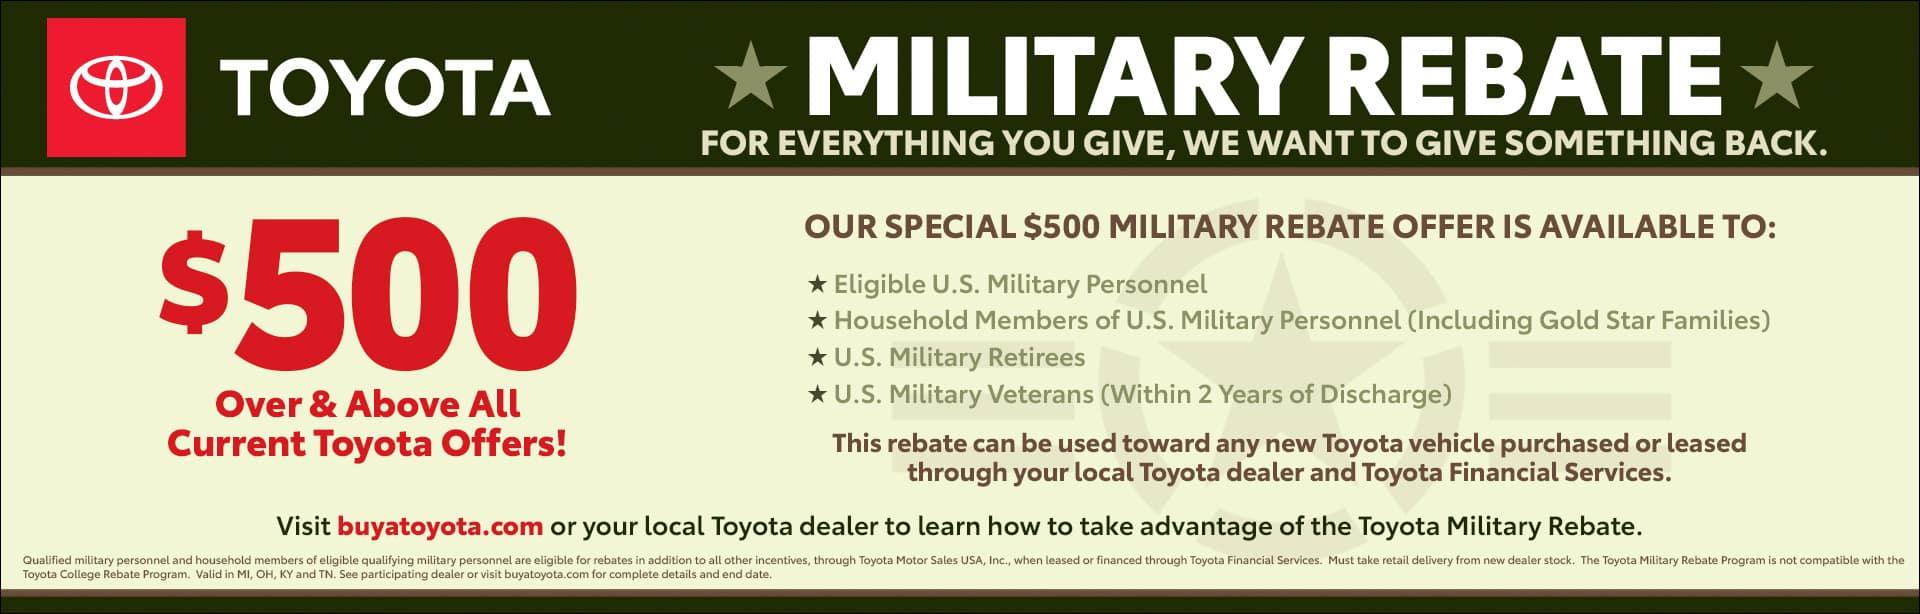 2021_tdap_military_rebate_1920x614